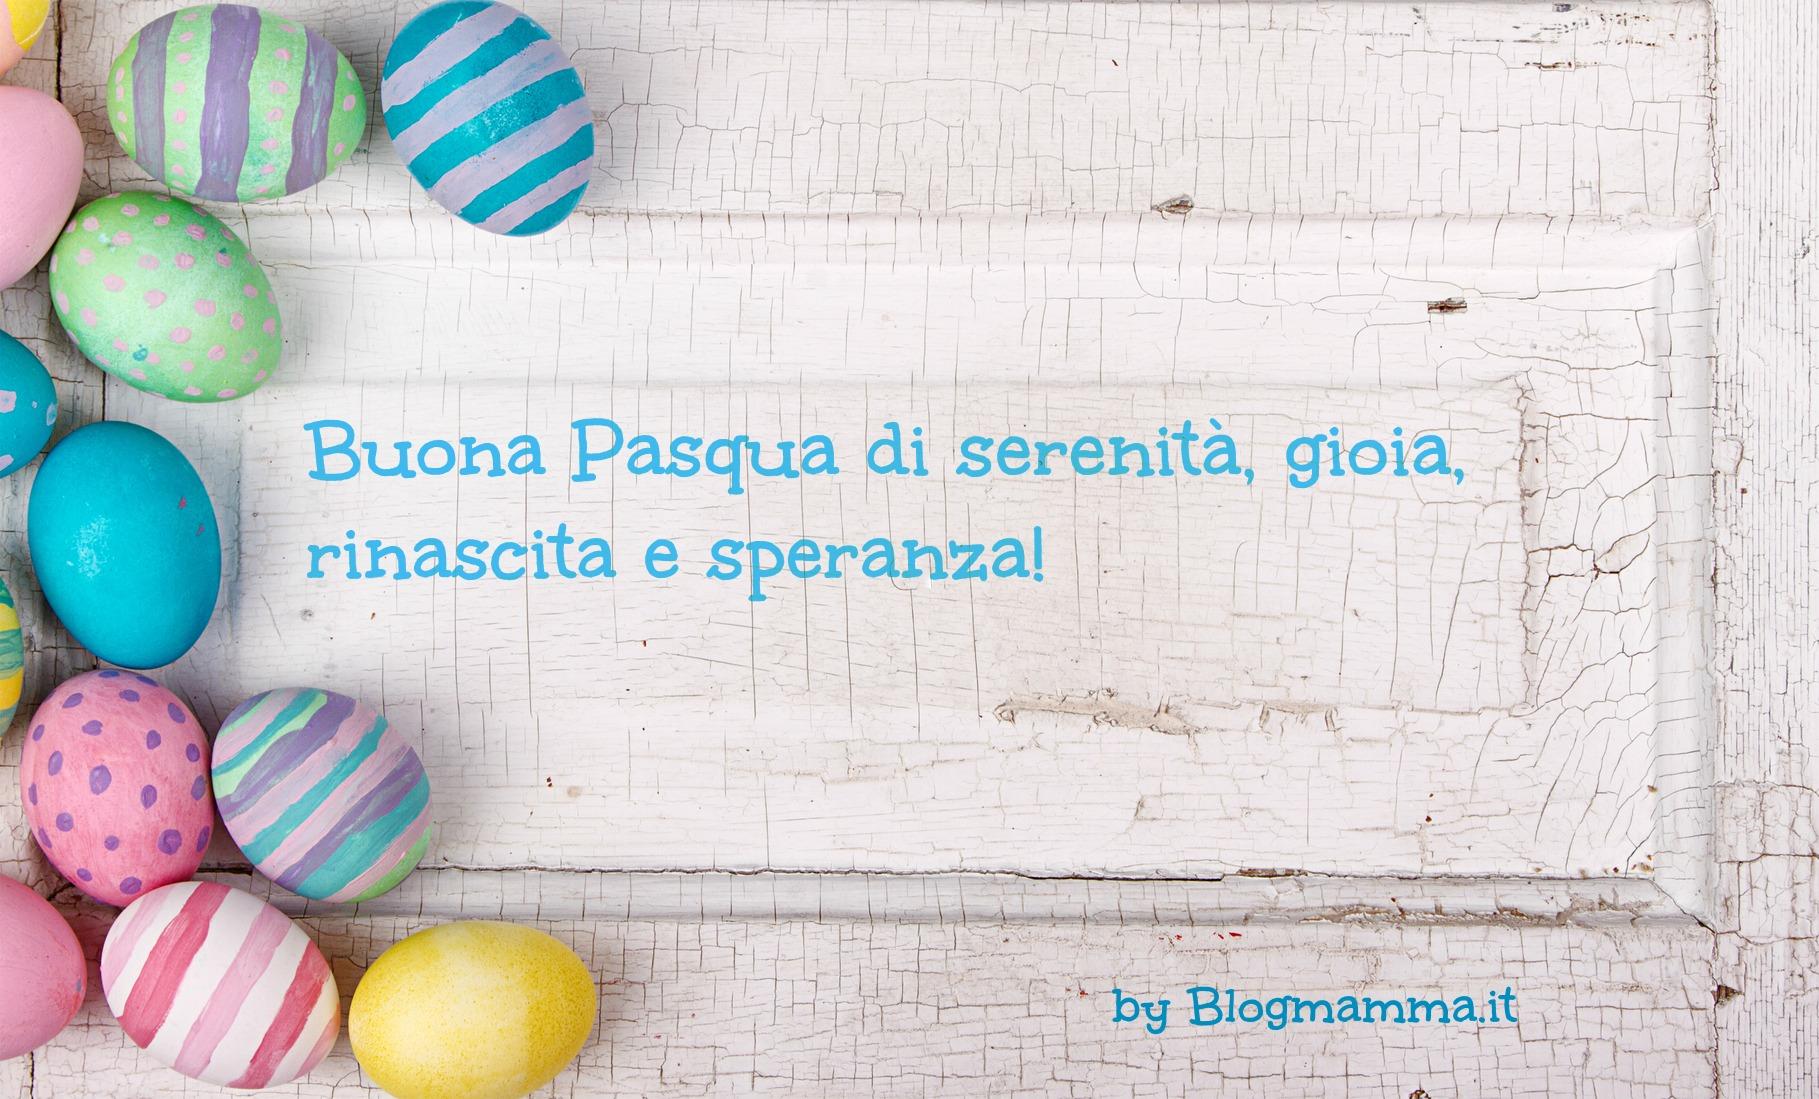 Préférence biglietto digitale con auguri di Pasqua - Blogmamma.it : Blogmamma.it EE02